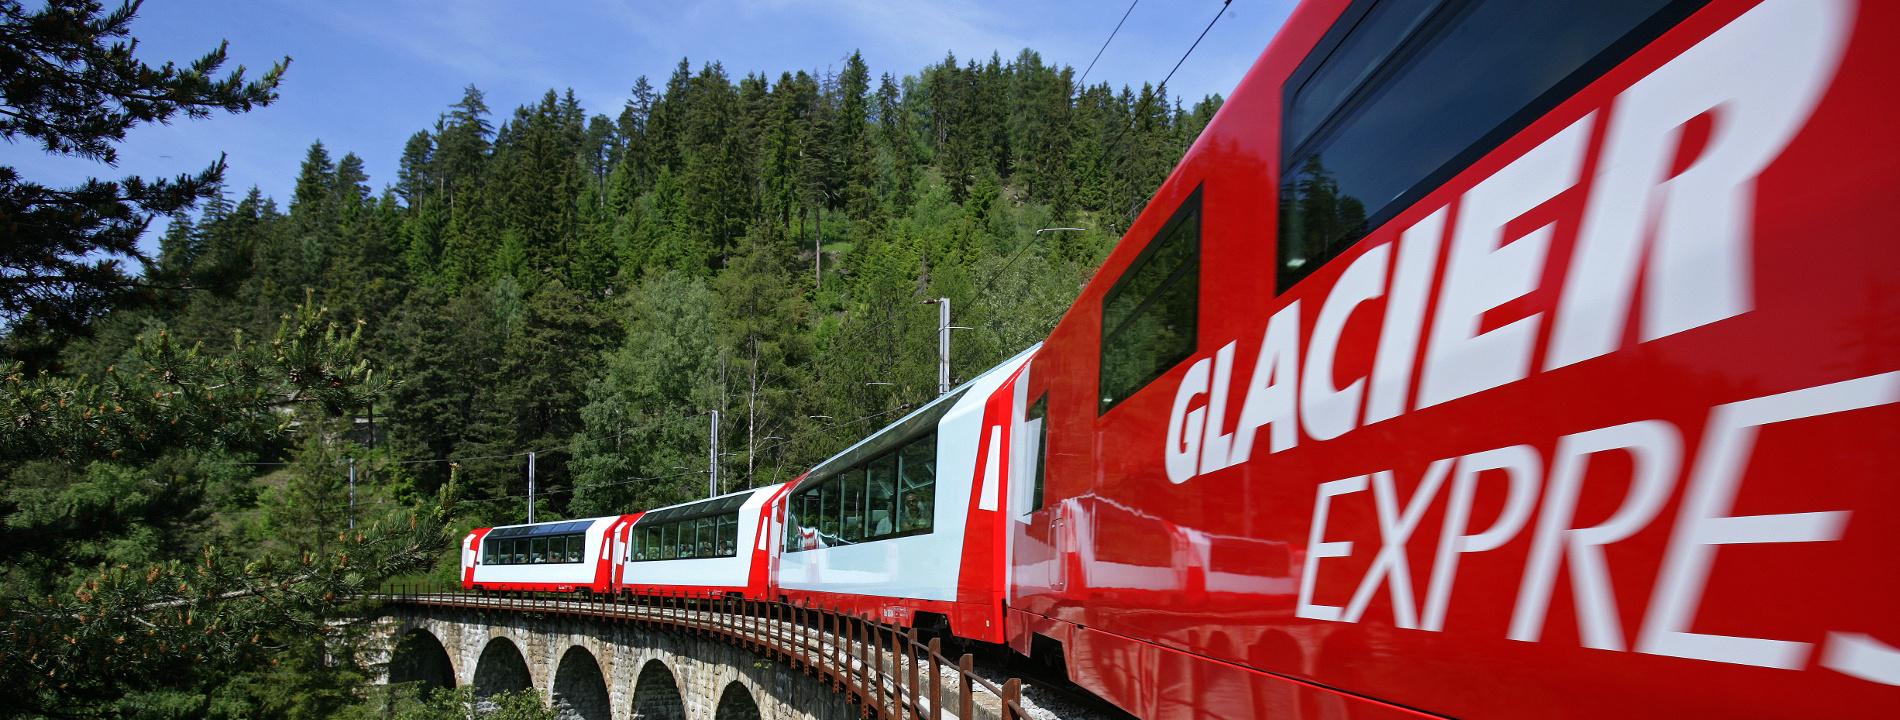 Les Trains suisses